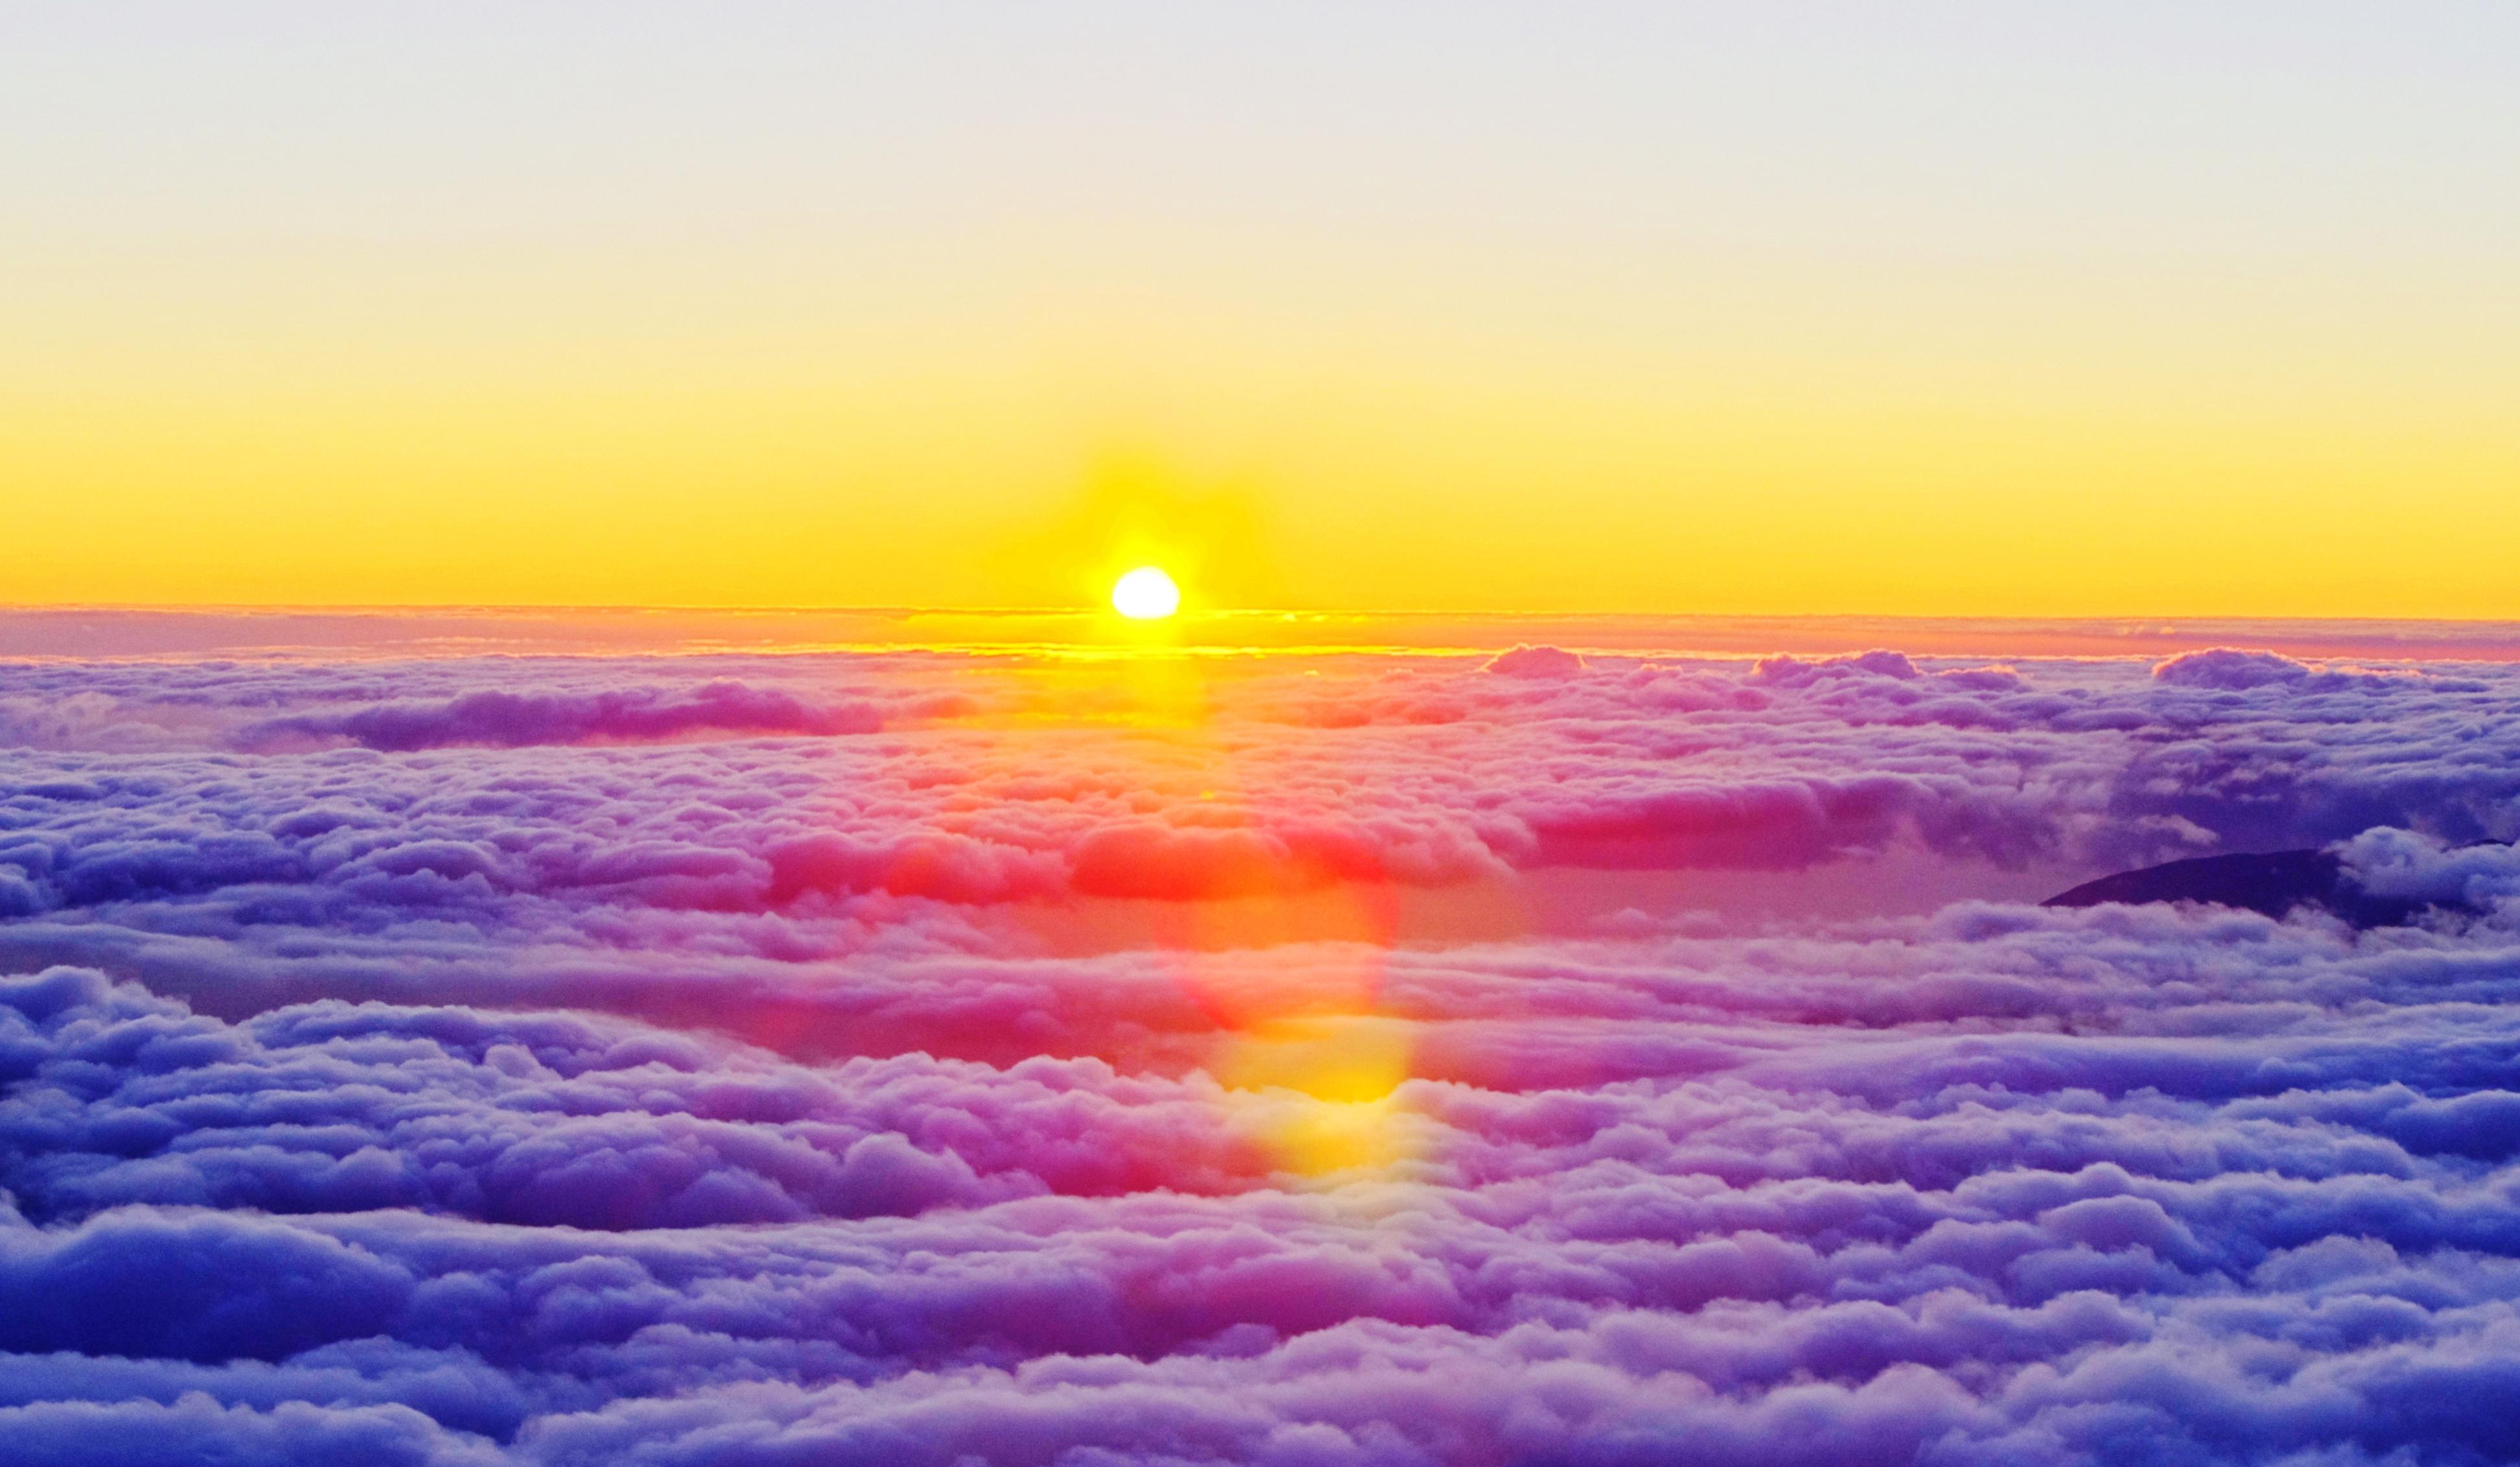 C'était chaud de trouver une image qui représente le climat, alors j'ai mis celle-là parce que je l'aime bien et qu'il y a des nuages dessus :)